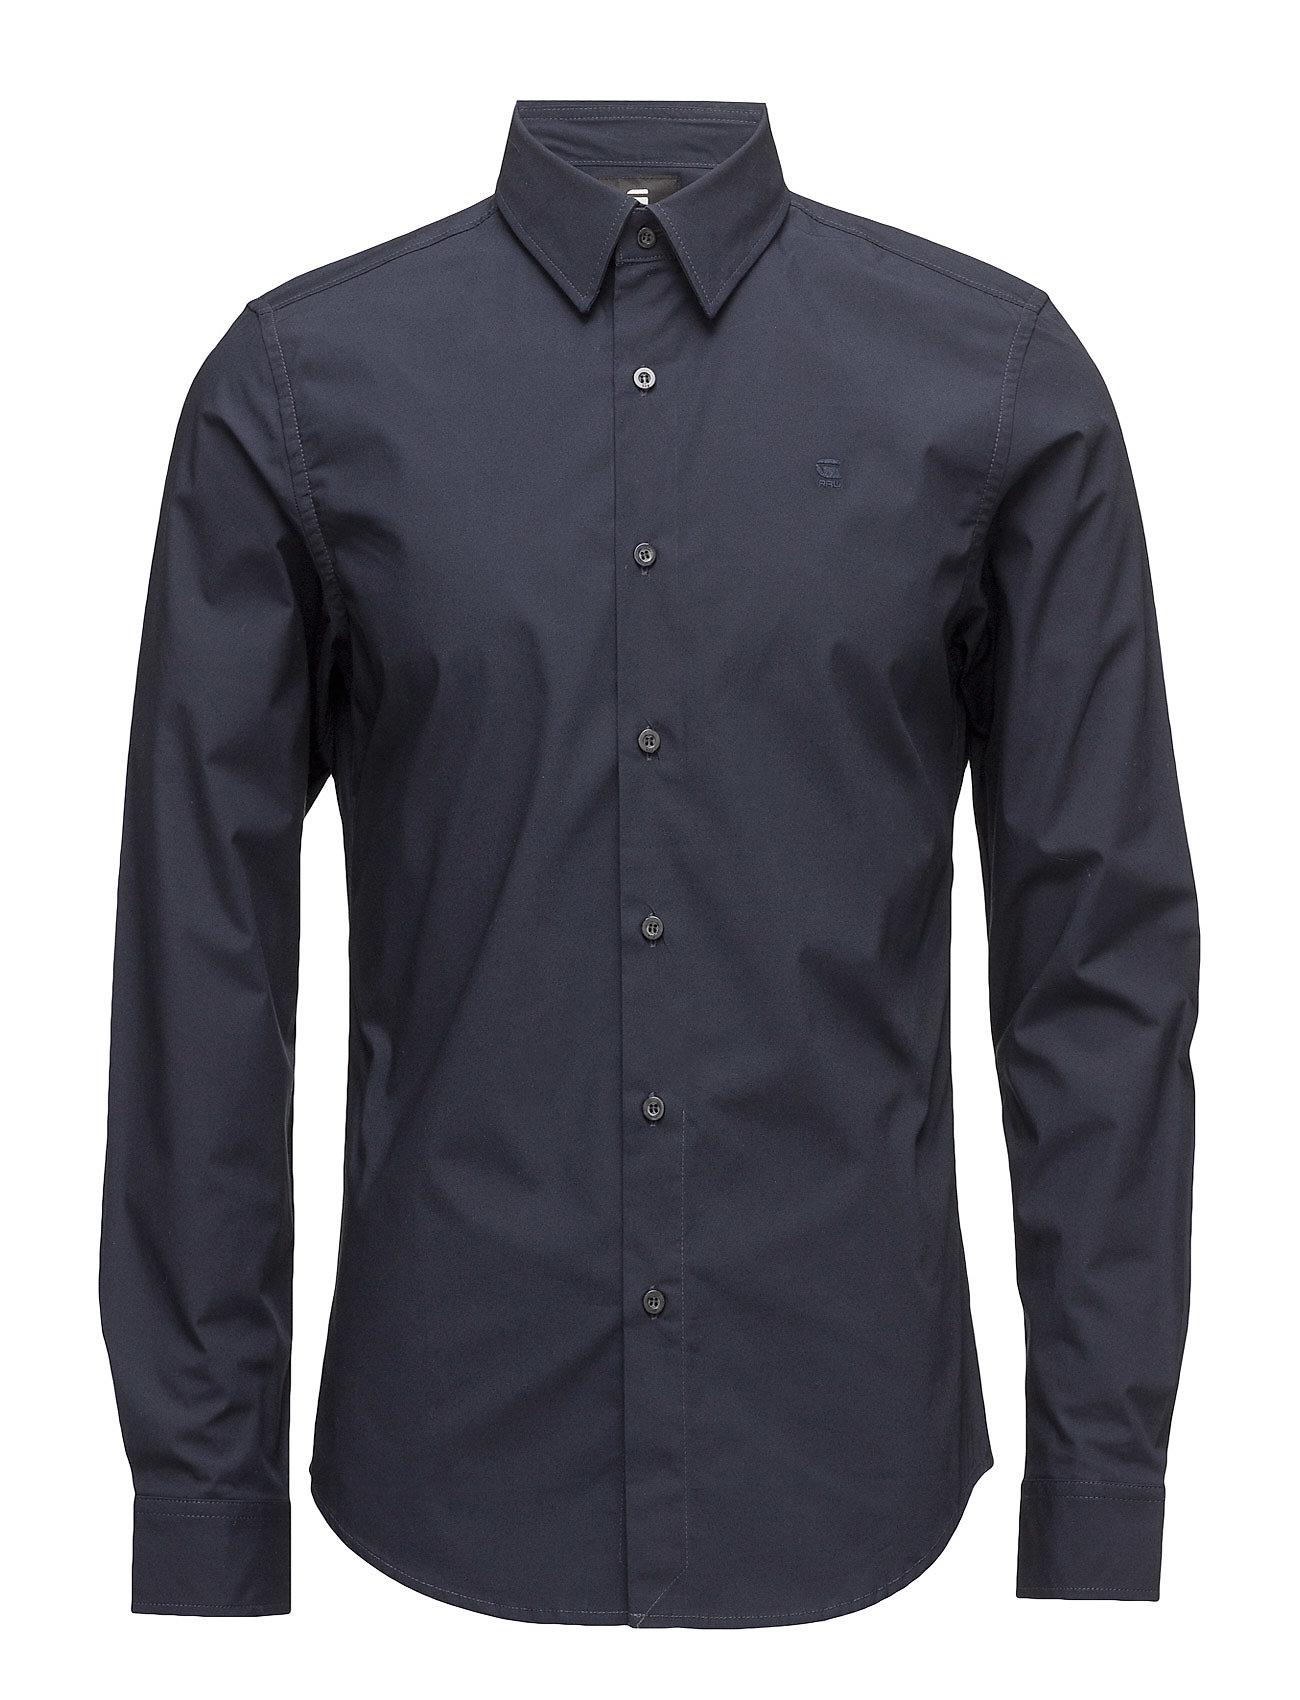 Core Shirt L G-star Trøjer til Mænd i